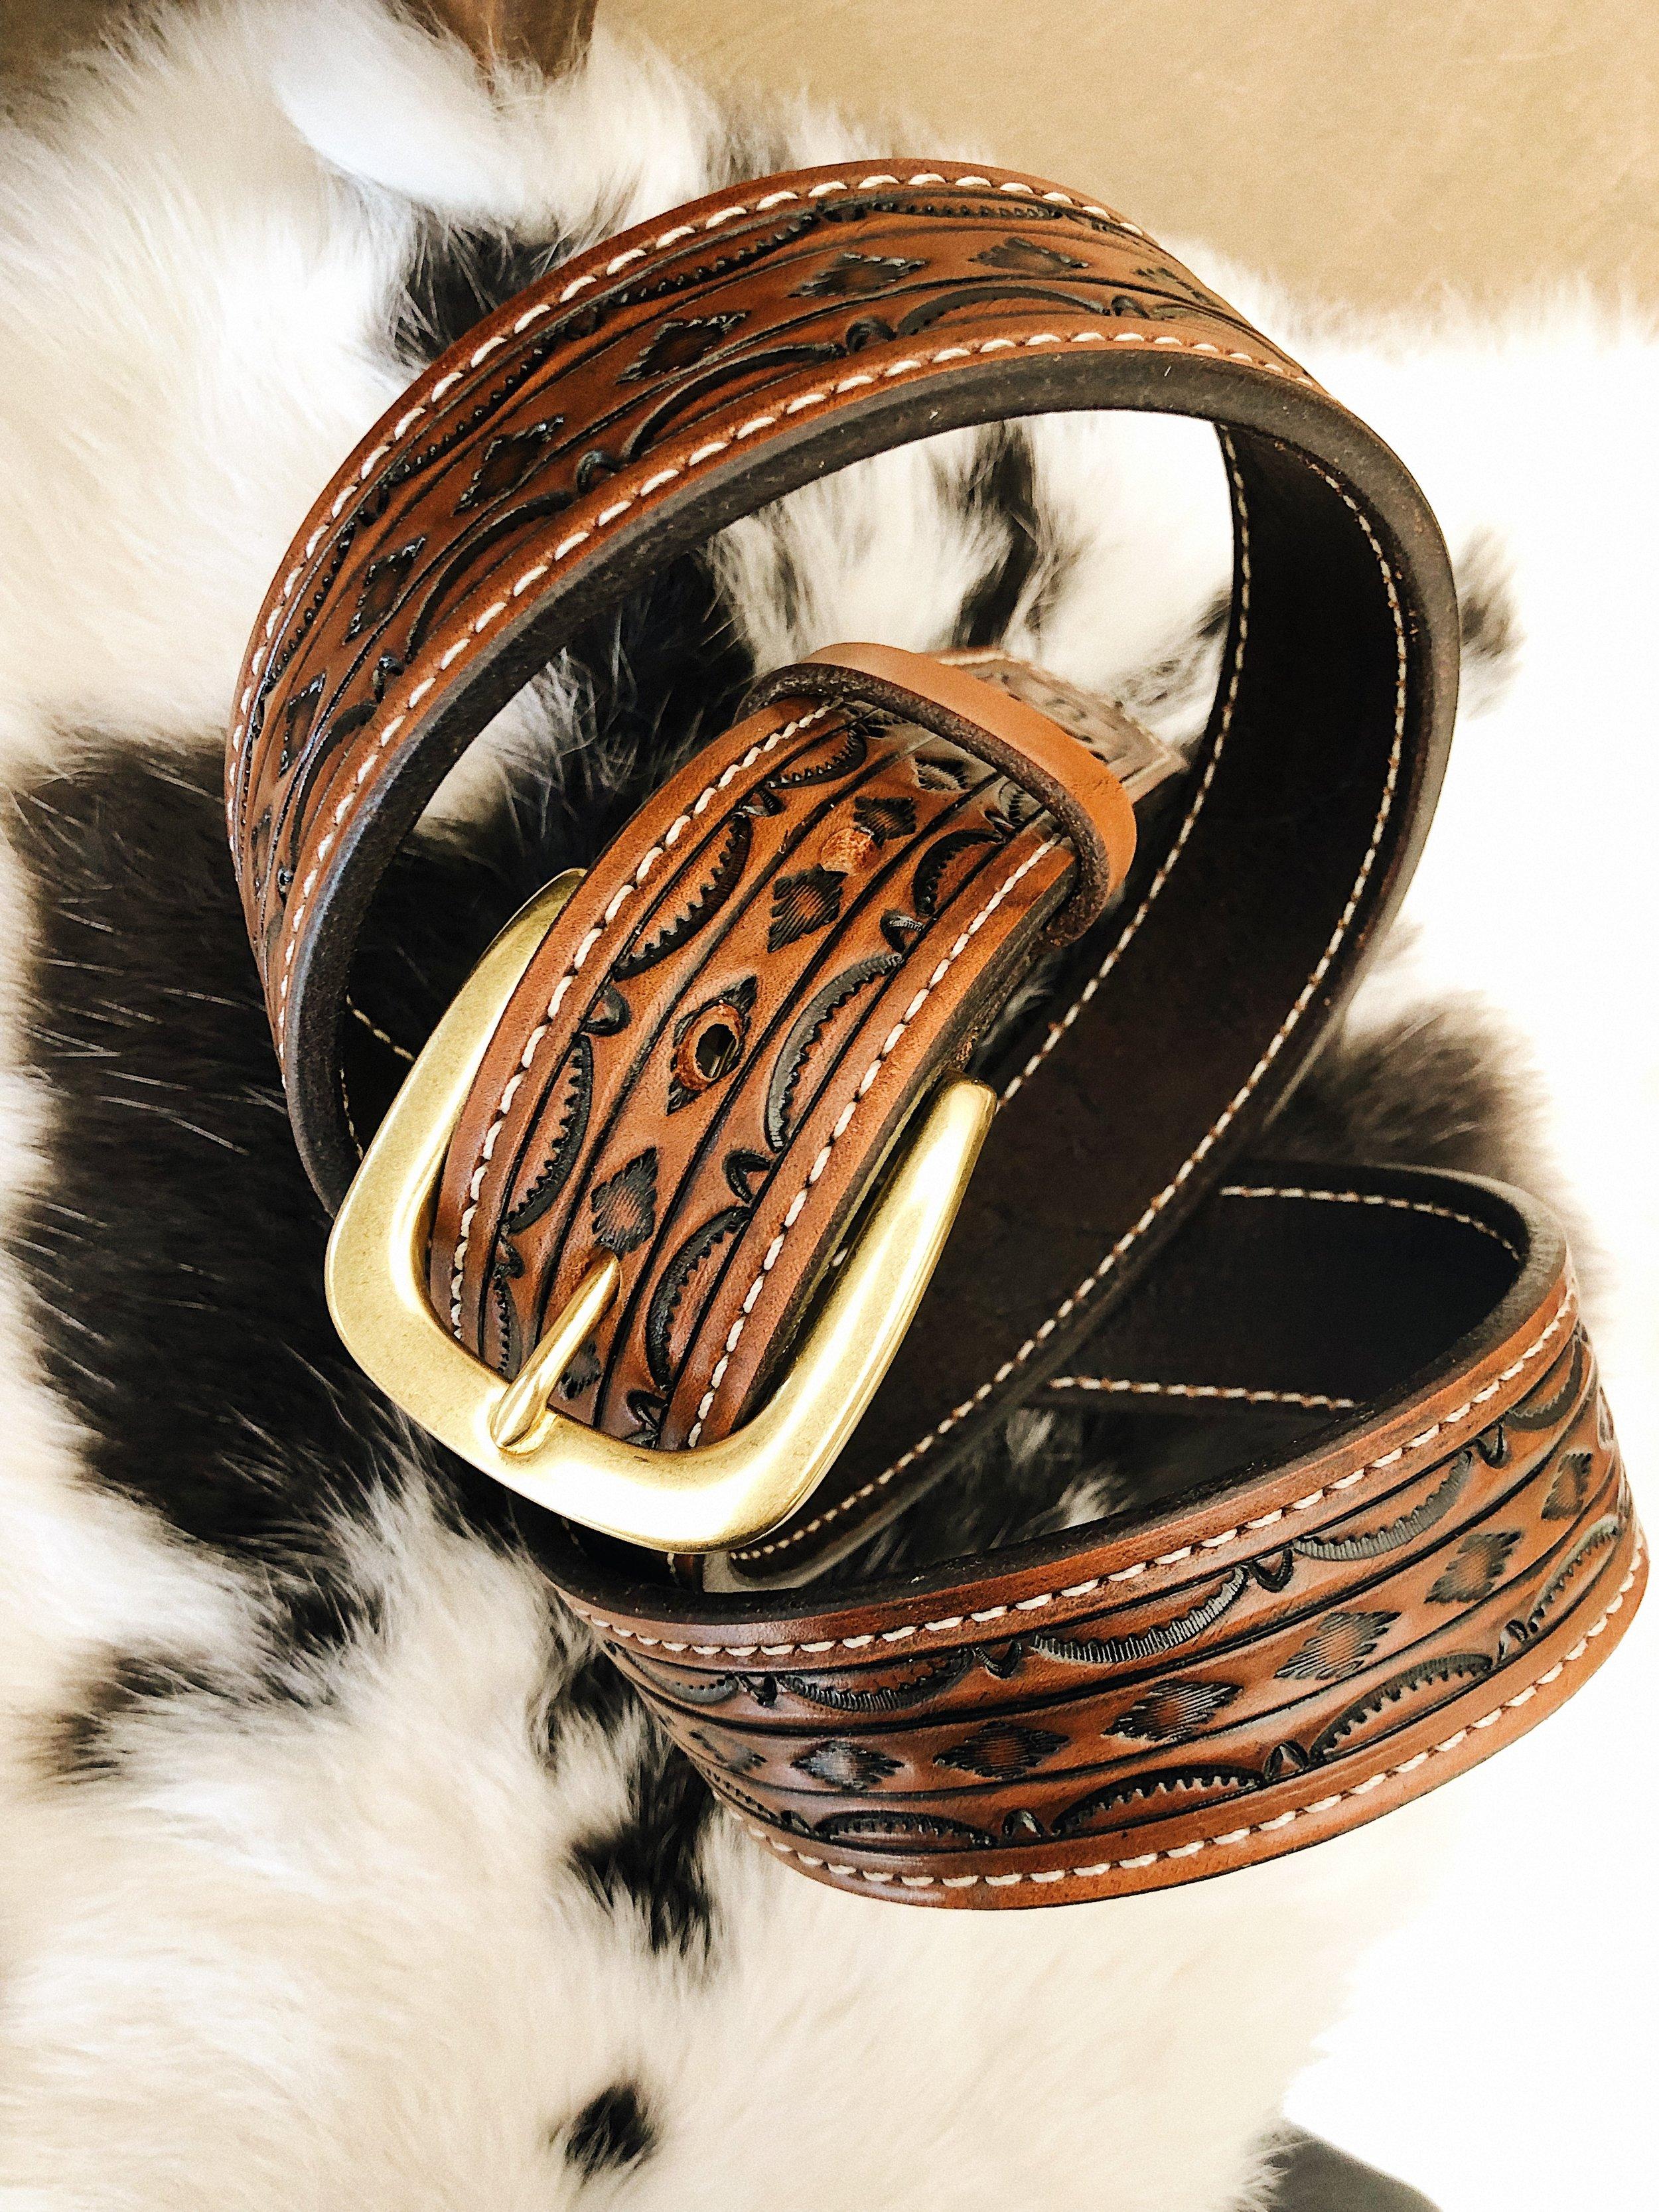 Patterned Barbered Leather Belt